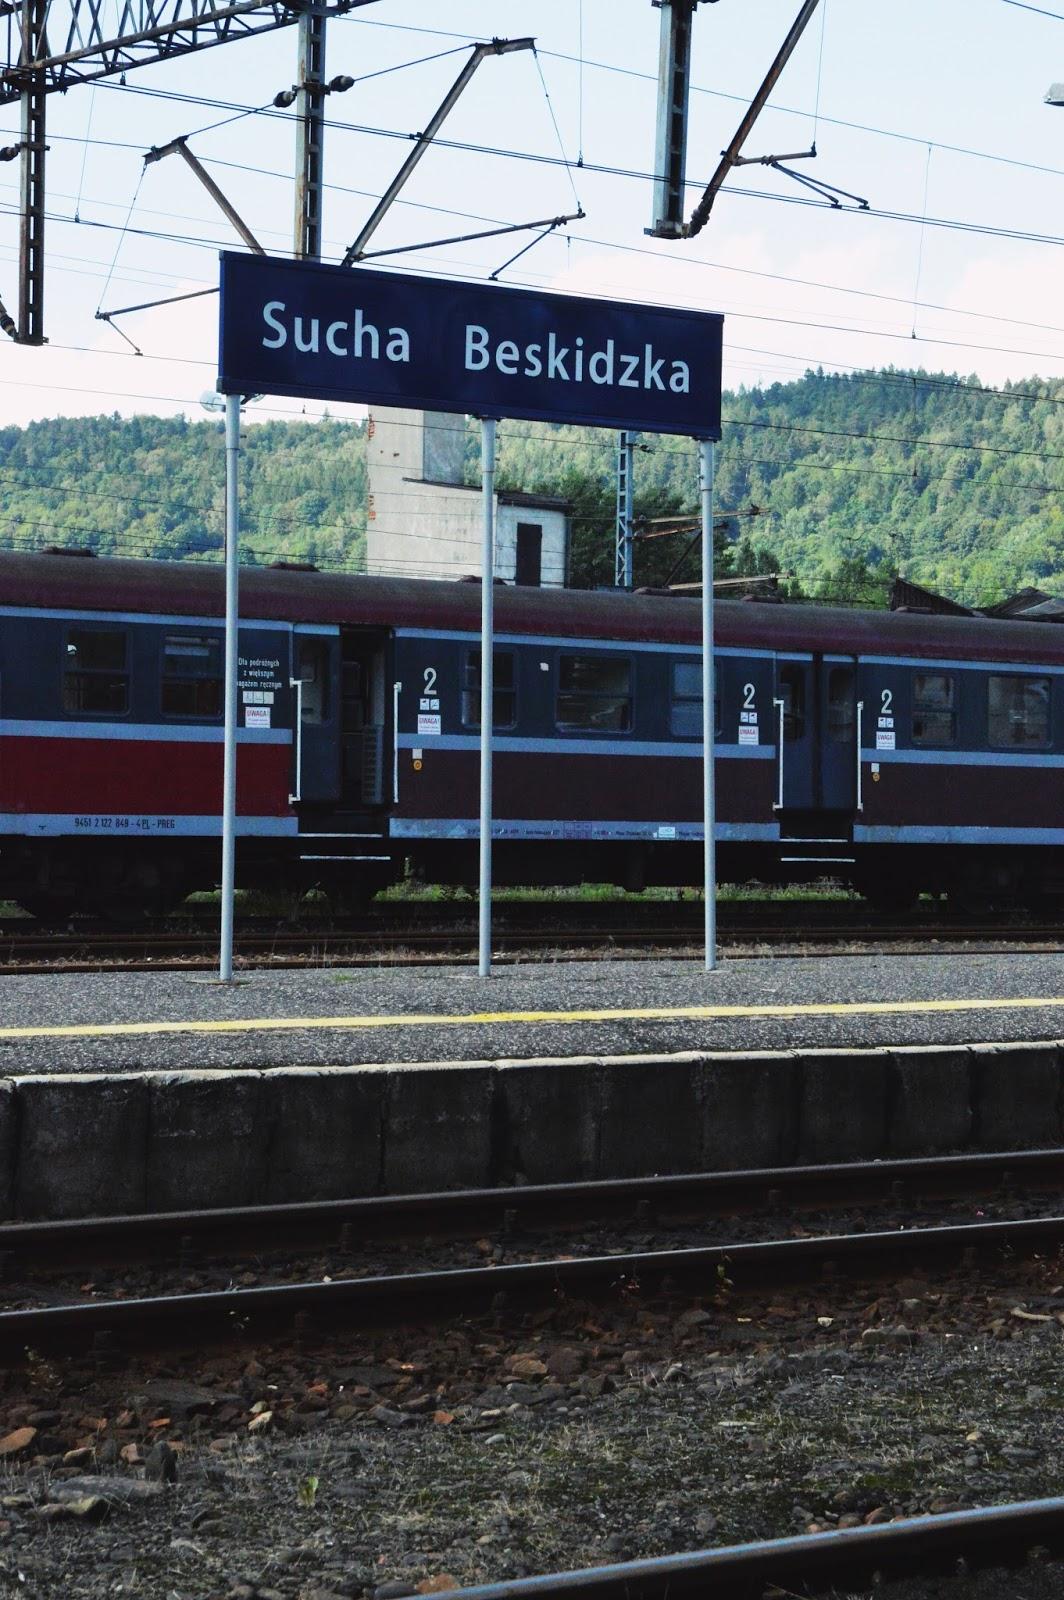 SPOTKANIE BLOGEREK W SUCHEJ BESKIDZKIEJ - 03.07.2016